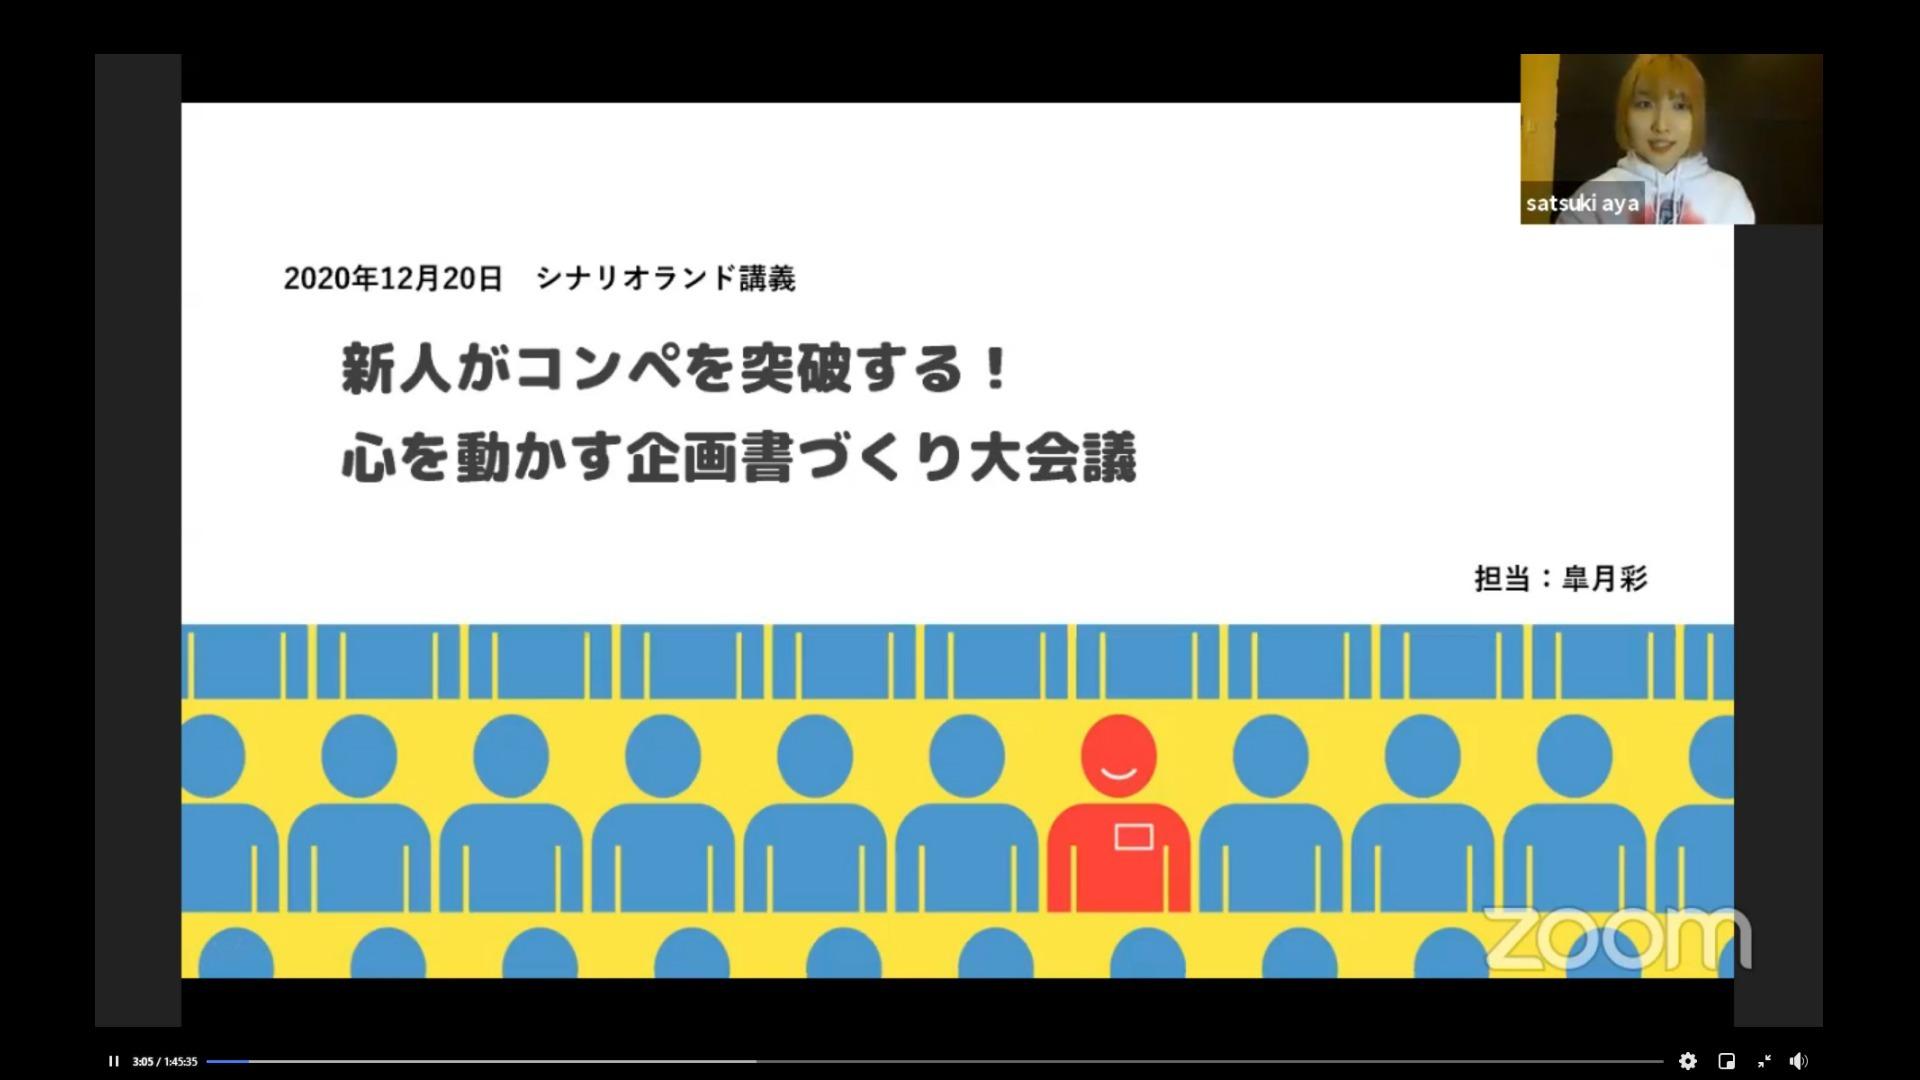 【イベント模様】新人がコンペを突破する!心を動かす企画書づくり大会議